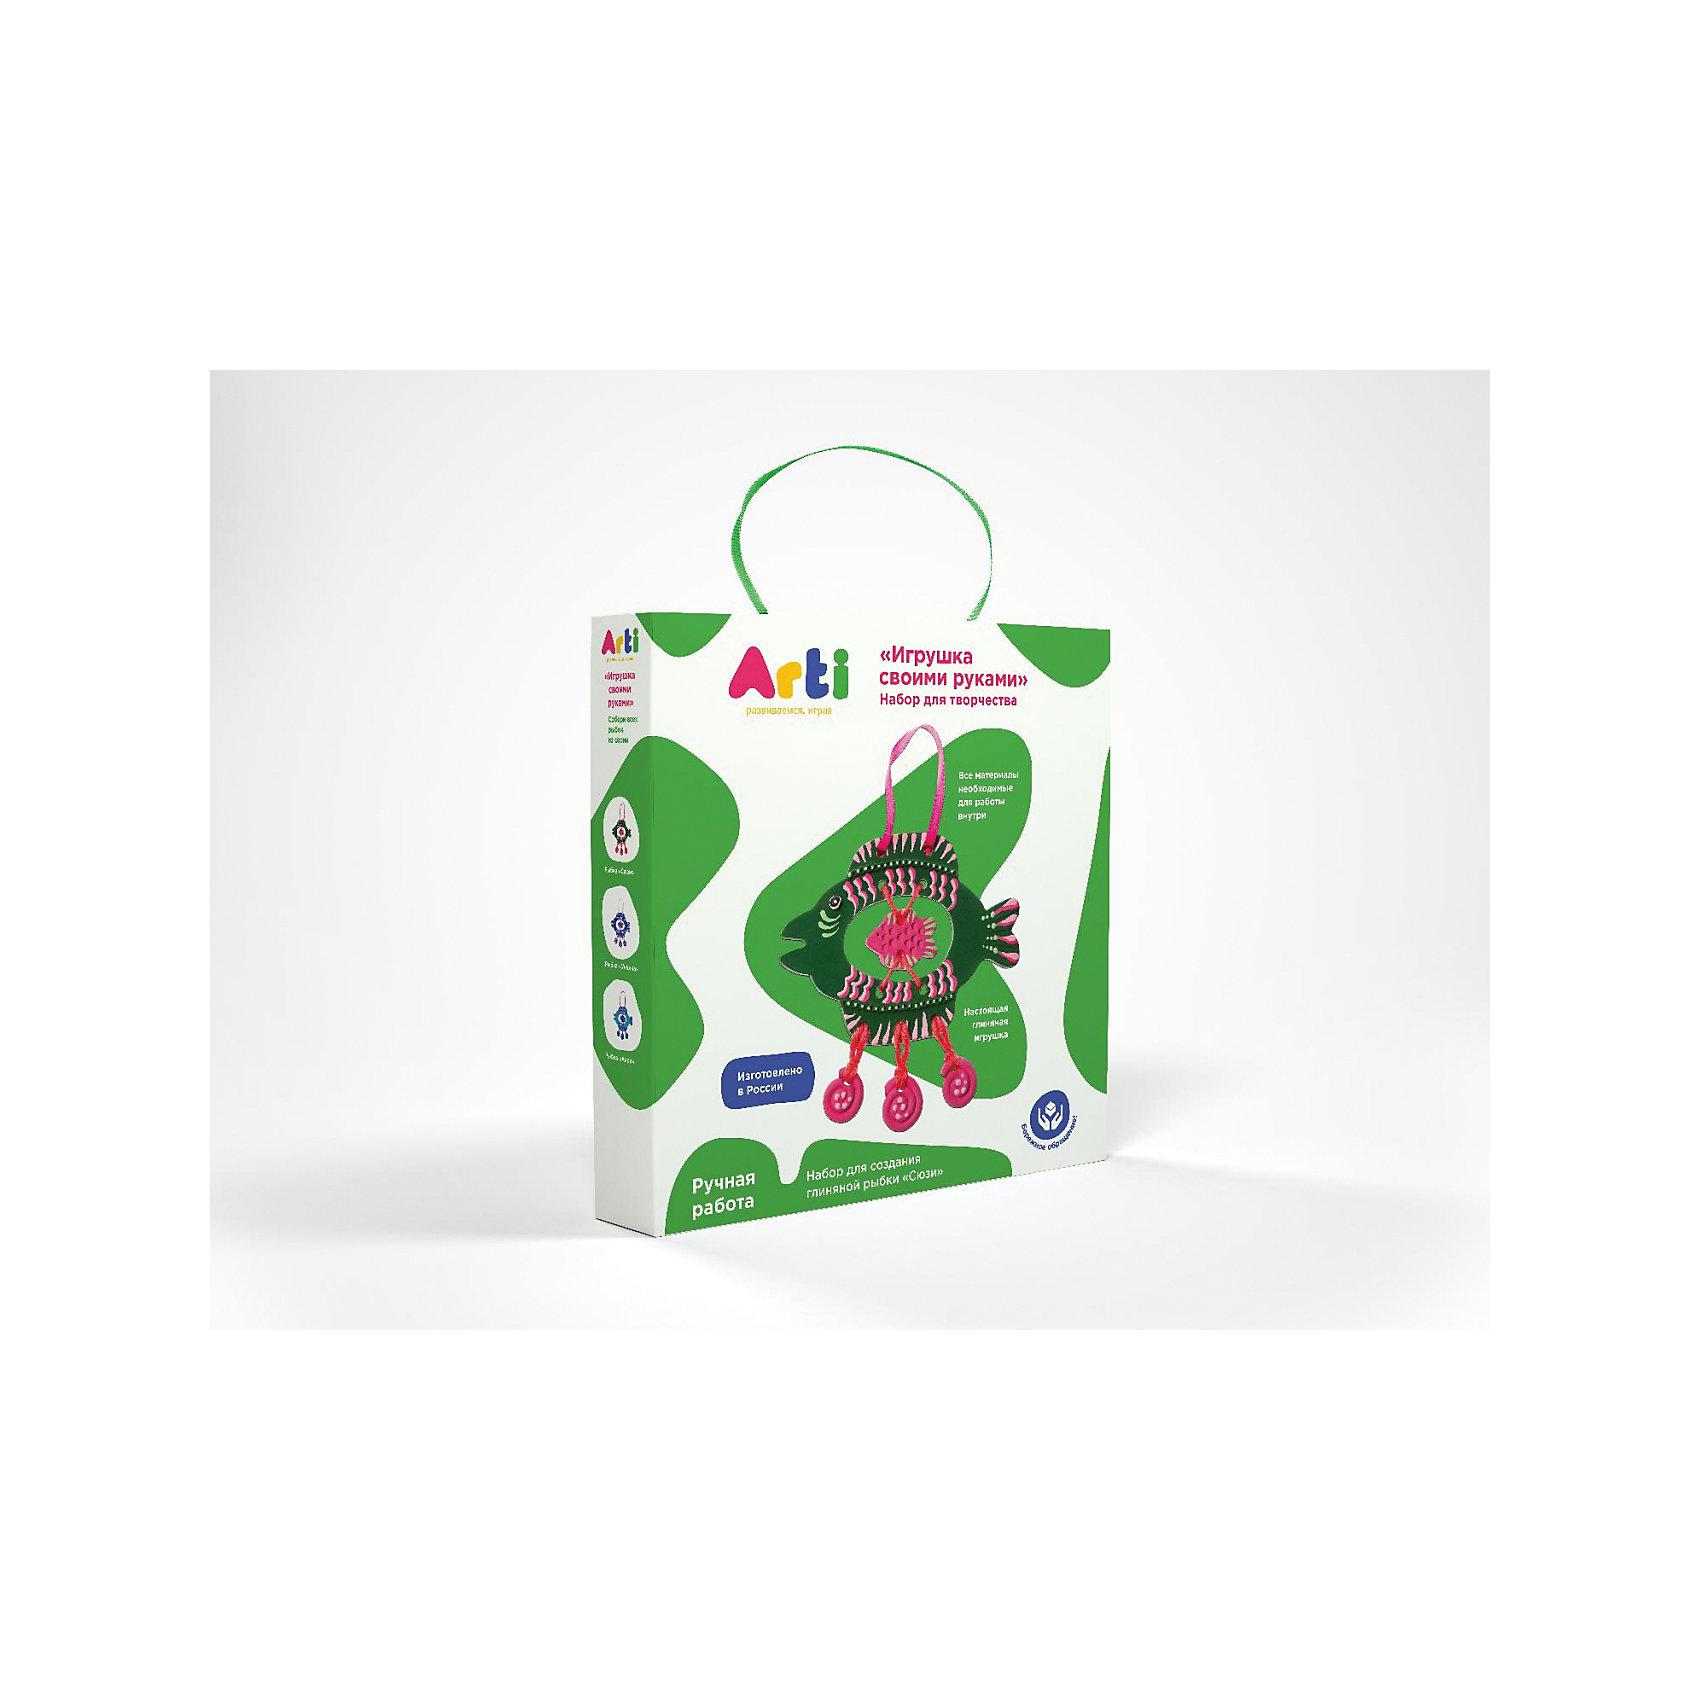 Набор для творчества Глиняная рыбка СюзиНабор для творчества Глиняная рыбка Сюзи.<br><br>Характеристика: <br><br>• Возраст: от 3 лет<br>• Материал: глина, текстиль, краски, дерево, шерсть. <br>• Размер упаковки: 3х18х18 см. <br>• Комплектация: детали рыбки, акриловые краски, кисть, шерстяные нити, деревянная палочка для работы с нитями, ленточка для подвеса изделия.<br>• Объем 1 баночки с краской: 5 мл.<br>• Развивает моторику рук, мышление, внимание. фантазию, творческие способности. <br><br>С помощью этого замечательного набора ваш ребенок сможет создать яркую глиняную фигурку и раскрасить ее по своему вкусу. Все детали набора выполнены из высококачественных материалов. Доступная простая инструкция позволит детям самим сделать свою рыбку. Получившаяся фигурка обязательно украсит стену детской или же станет отличным подарком, сделанным своими руками. <br><br>Набор для творчества Глиняная рыбка Сюзи можно купить в нашем интернет-магазине.<br><br>Ширина мм: 180<br>Глубина мм: 180<br>Высота мм: 30<br>Вес г: 220<br>Возраст от месяцев: 36<br>Возраст до месяцев: 2147483647<br>Пол: Унисекс<br>Возраст: Детский<br>SKU: 5487923